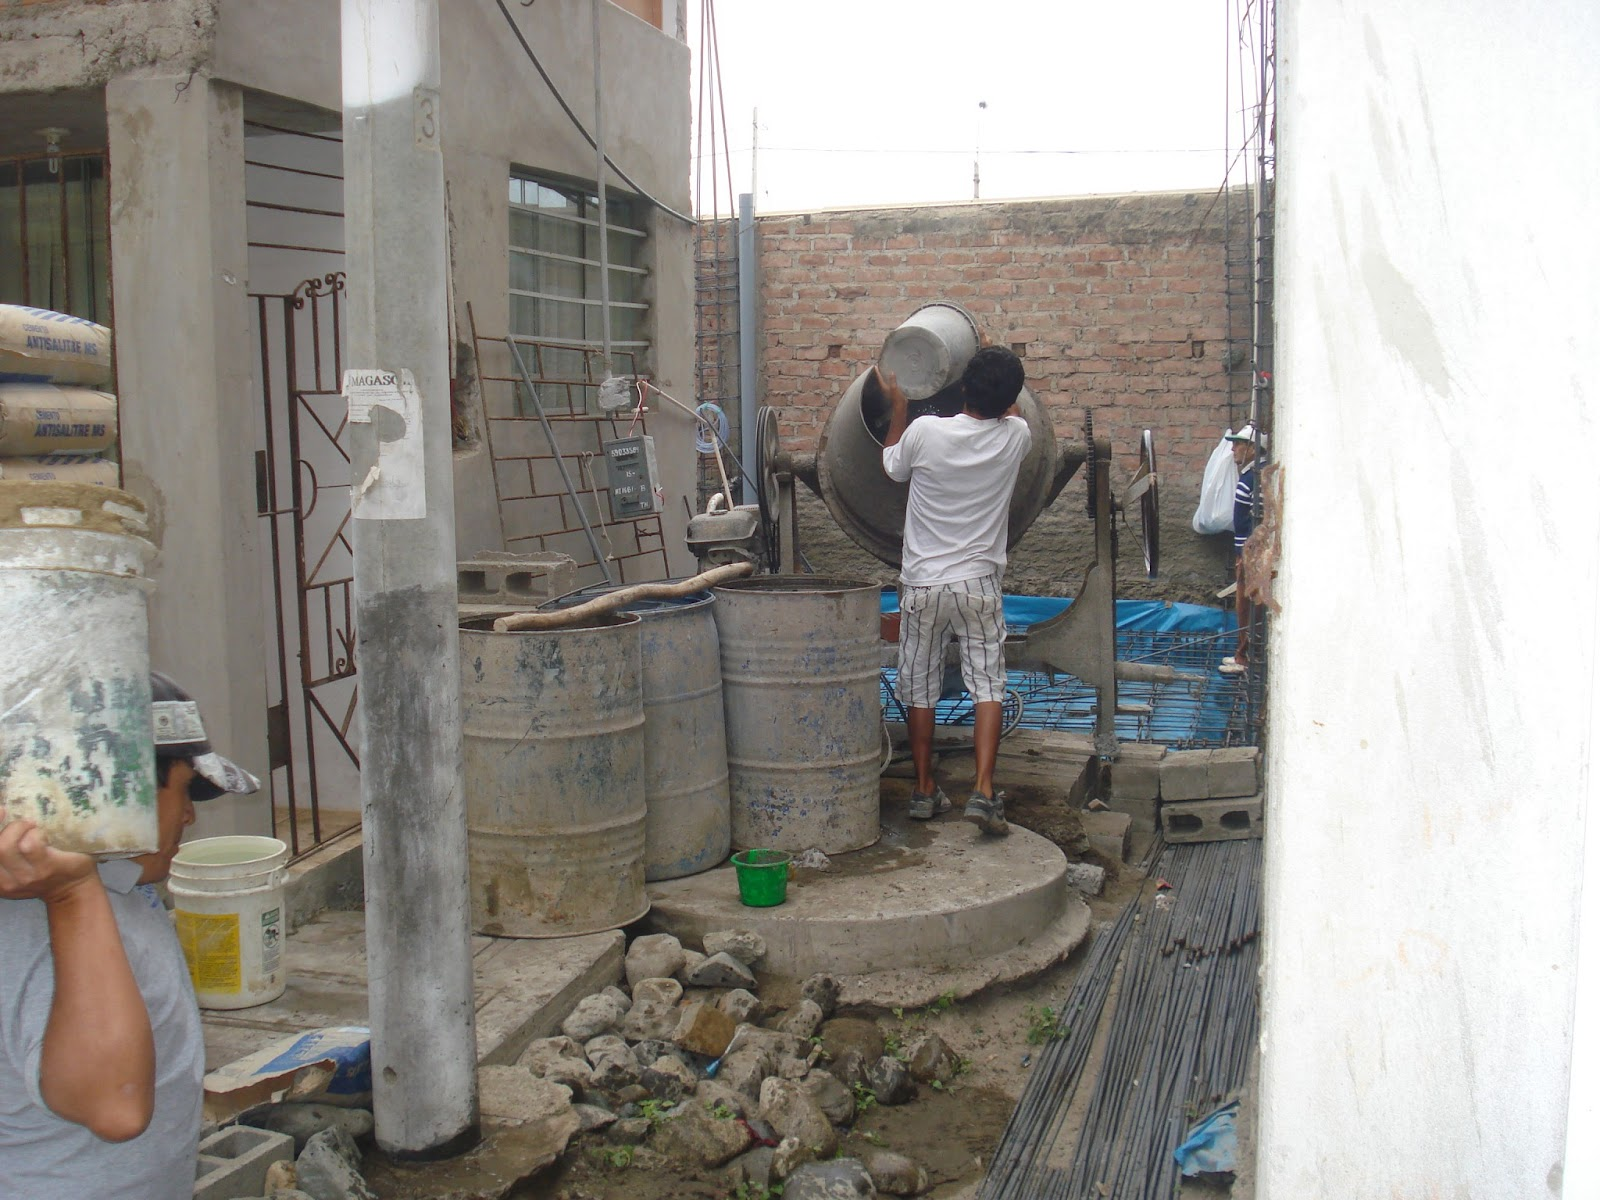 Construcci n de una casa obreros trabajando - Construccion de una casa ...